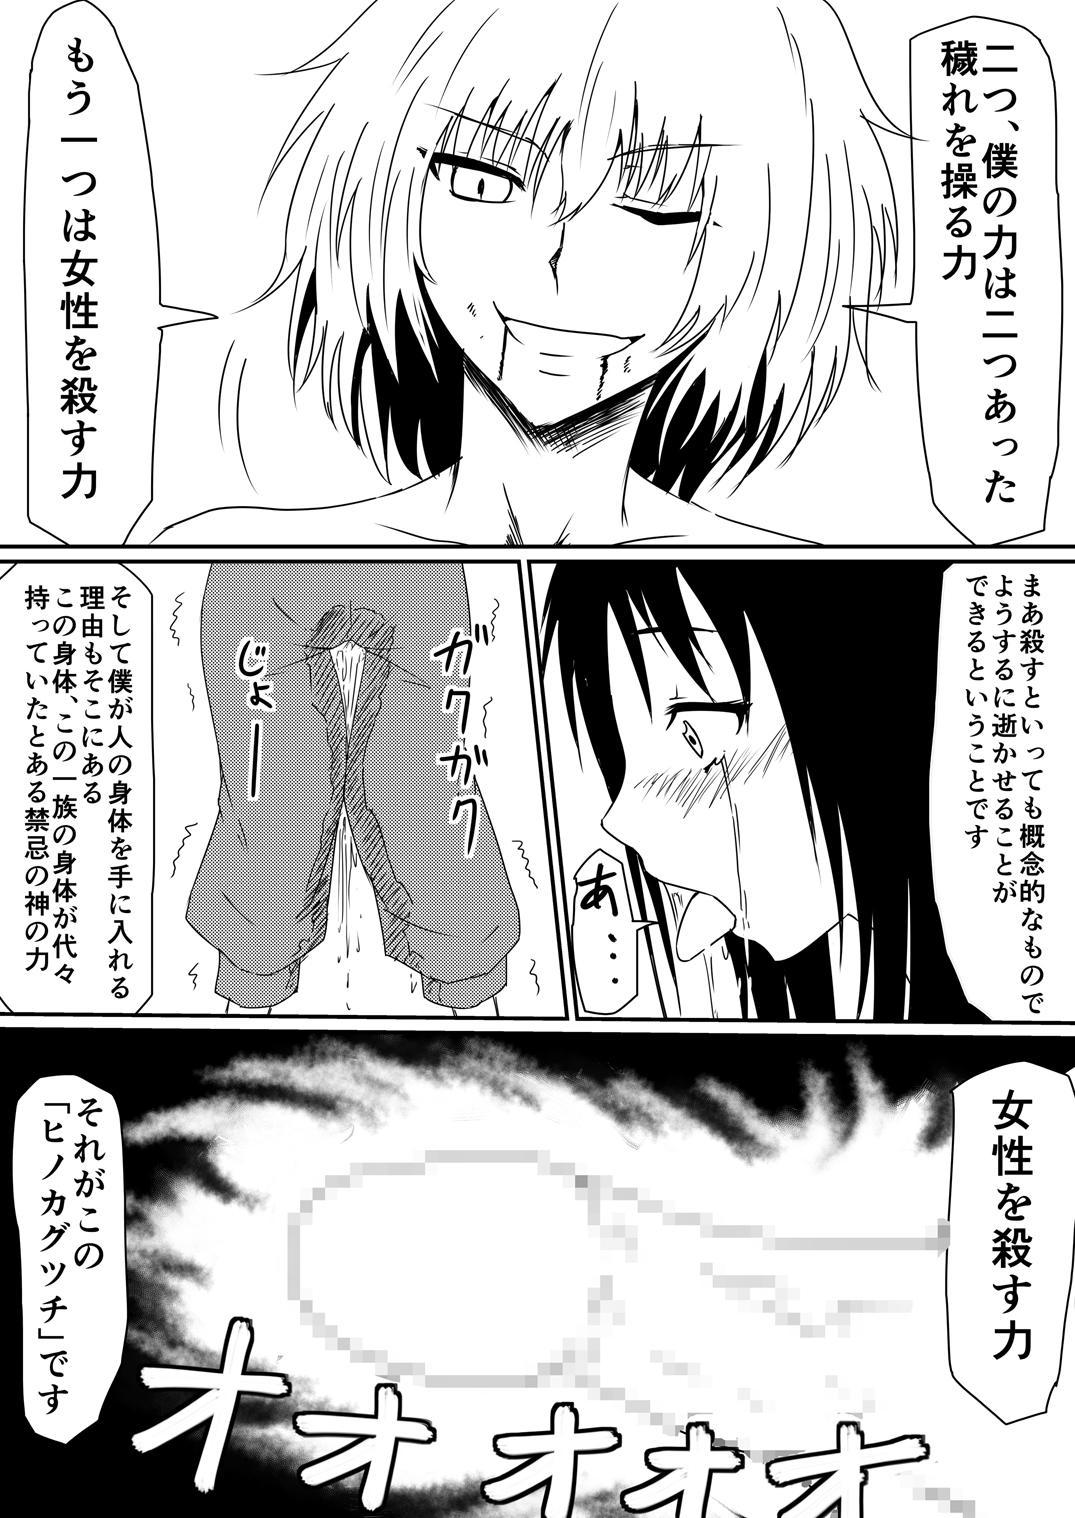 Mashou no Chinko o Motsu Shounen Kouhen 34